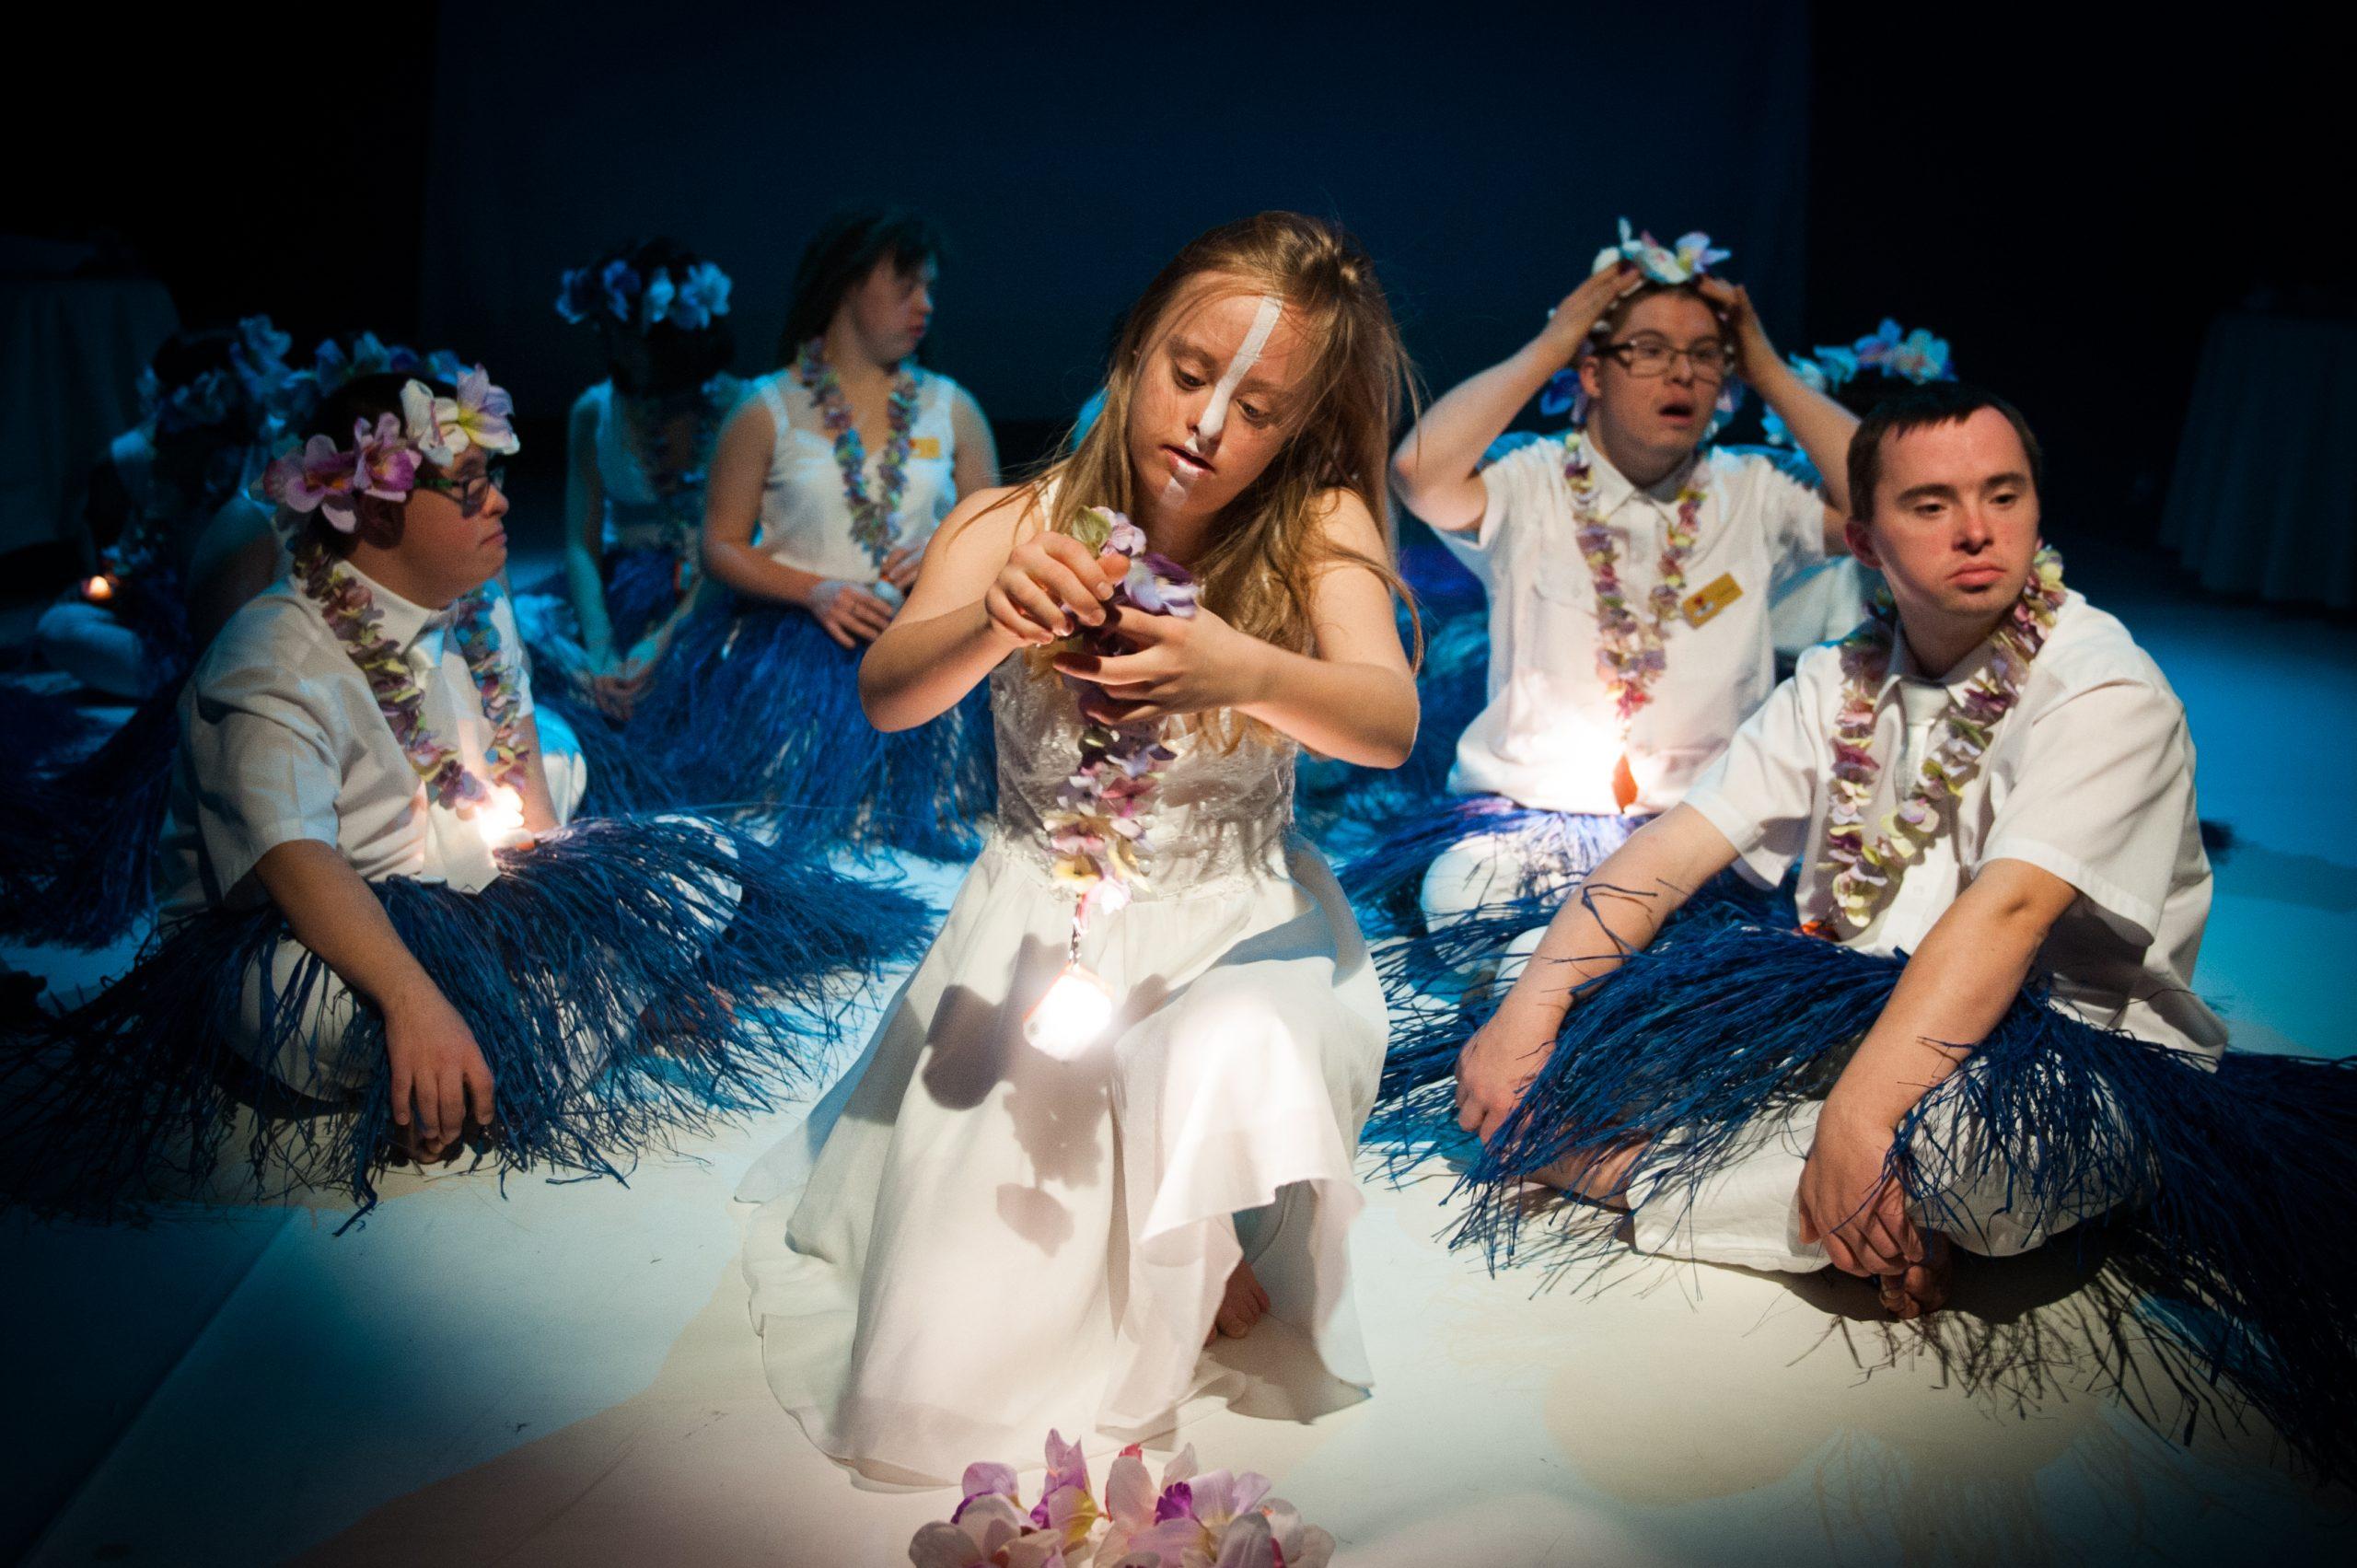 Maja on stage with Teatr21